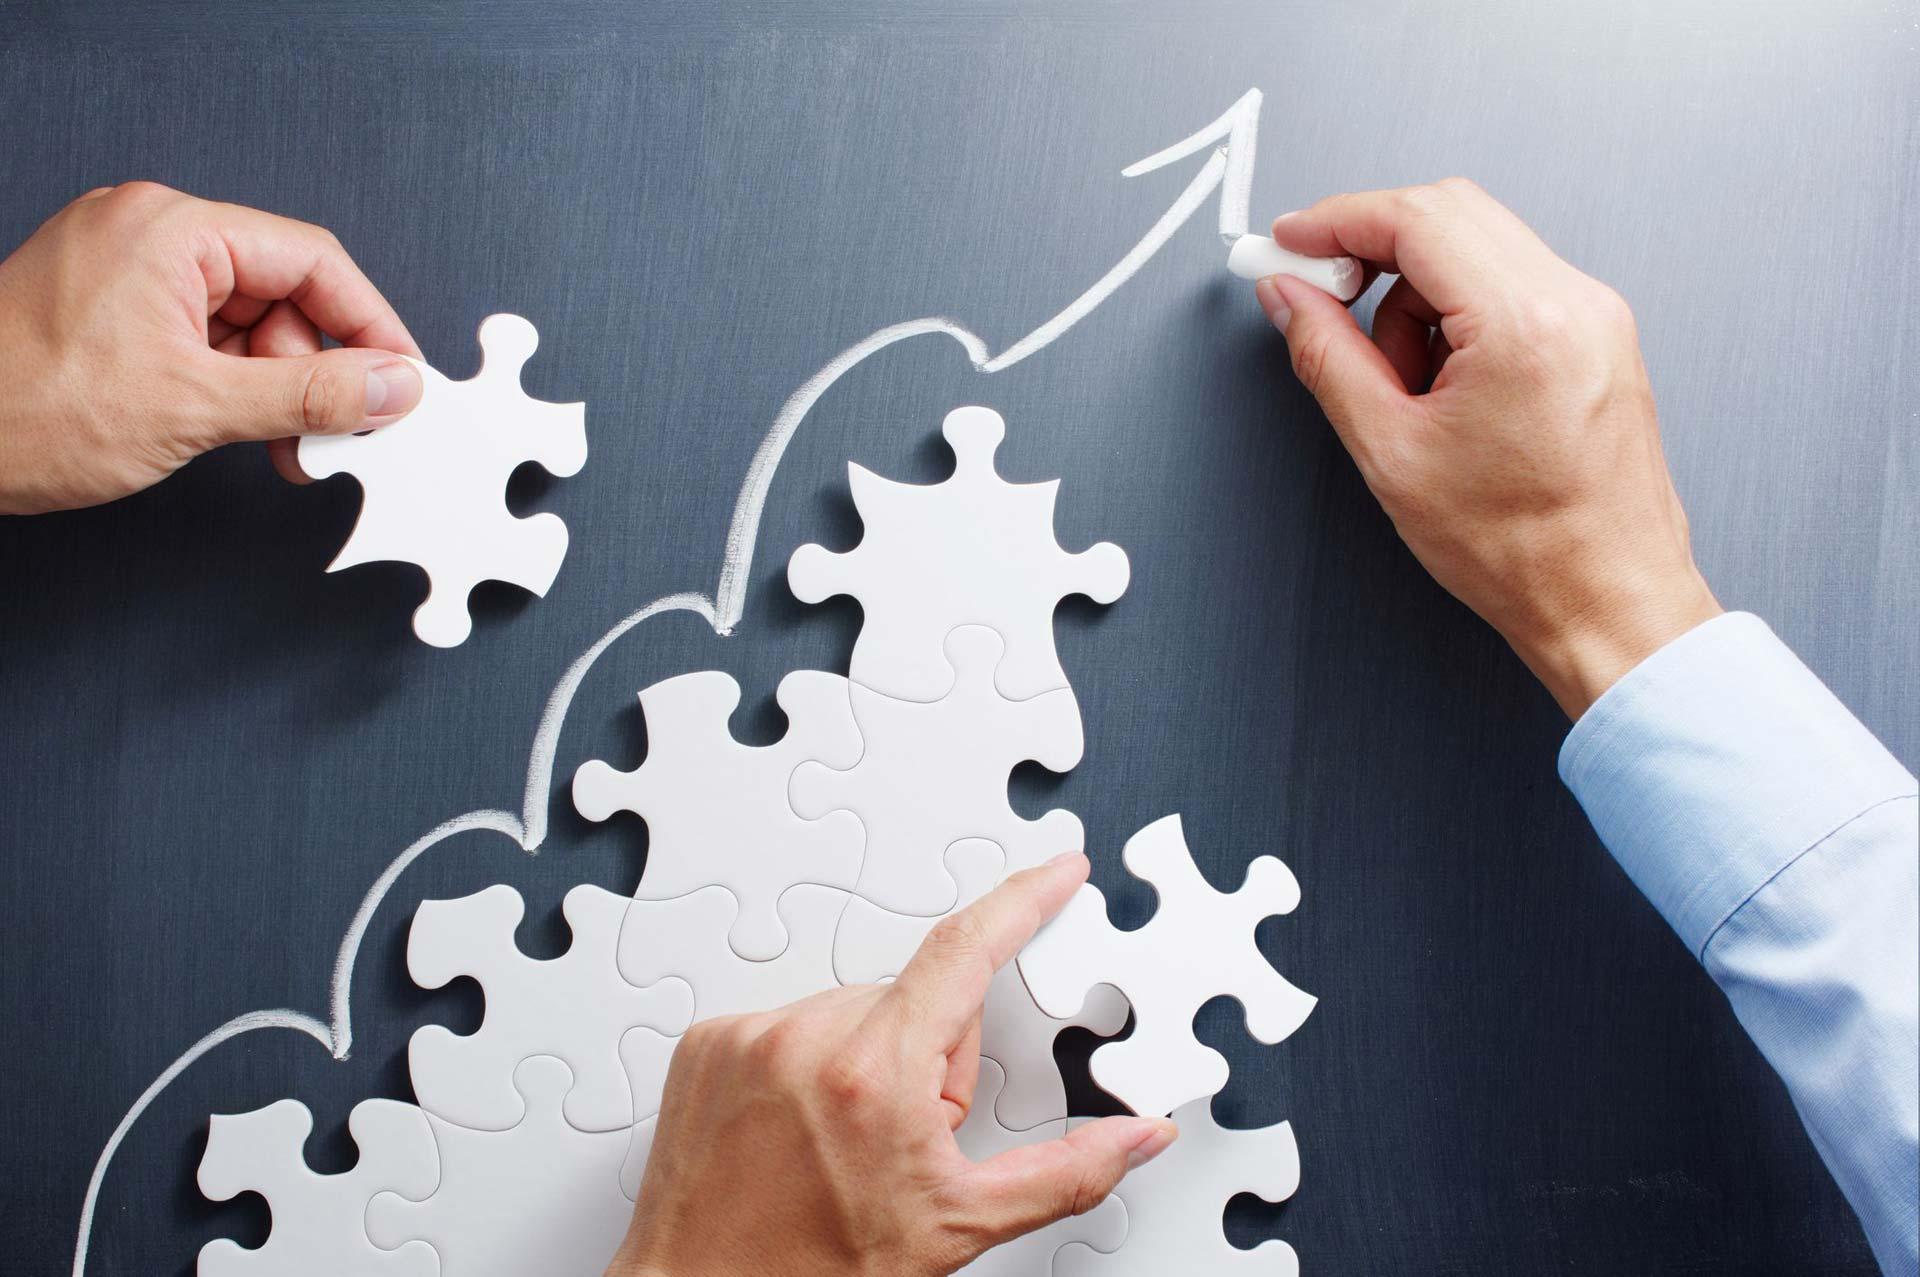 Бесплатный вебинар: Старт в инвестировании